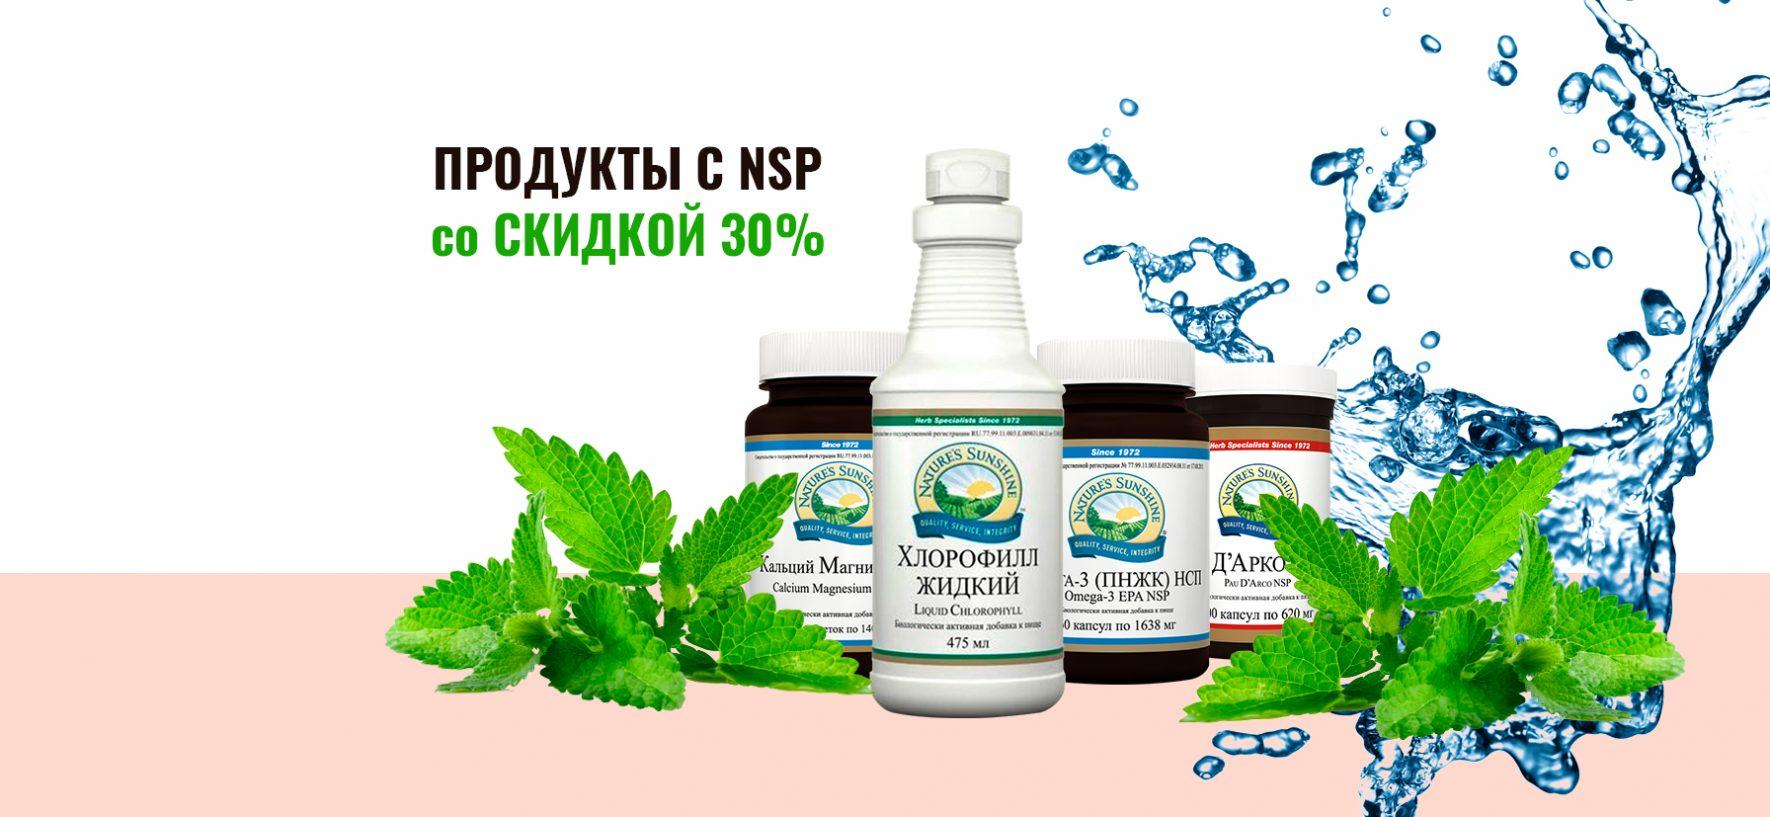 Купить продукцию NSP (НСП) в Беларуси